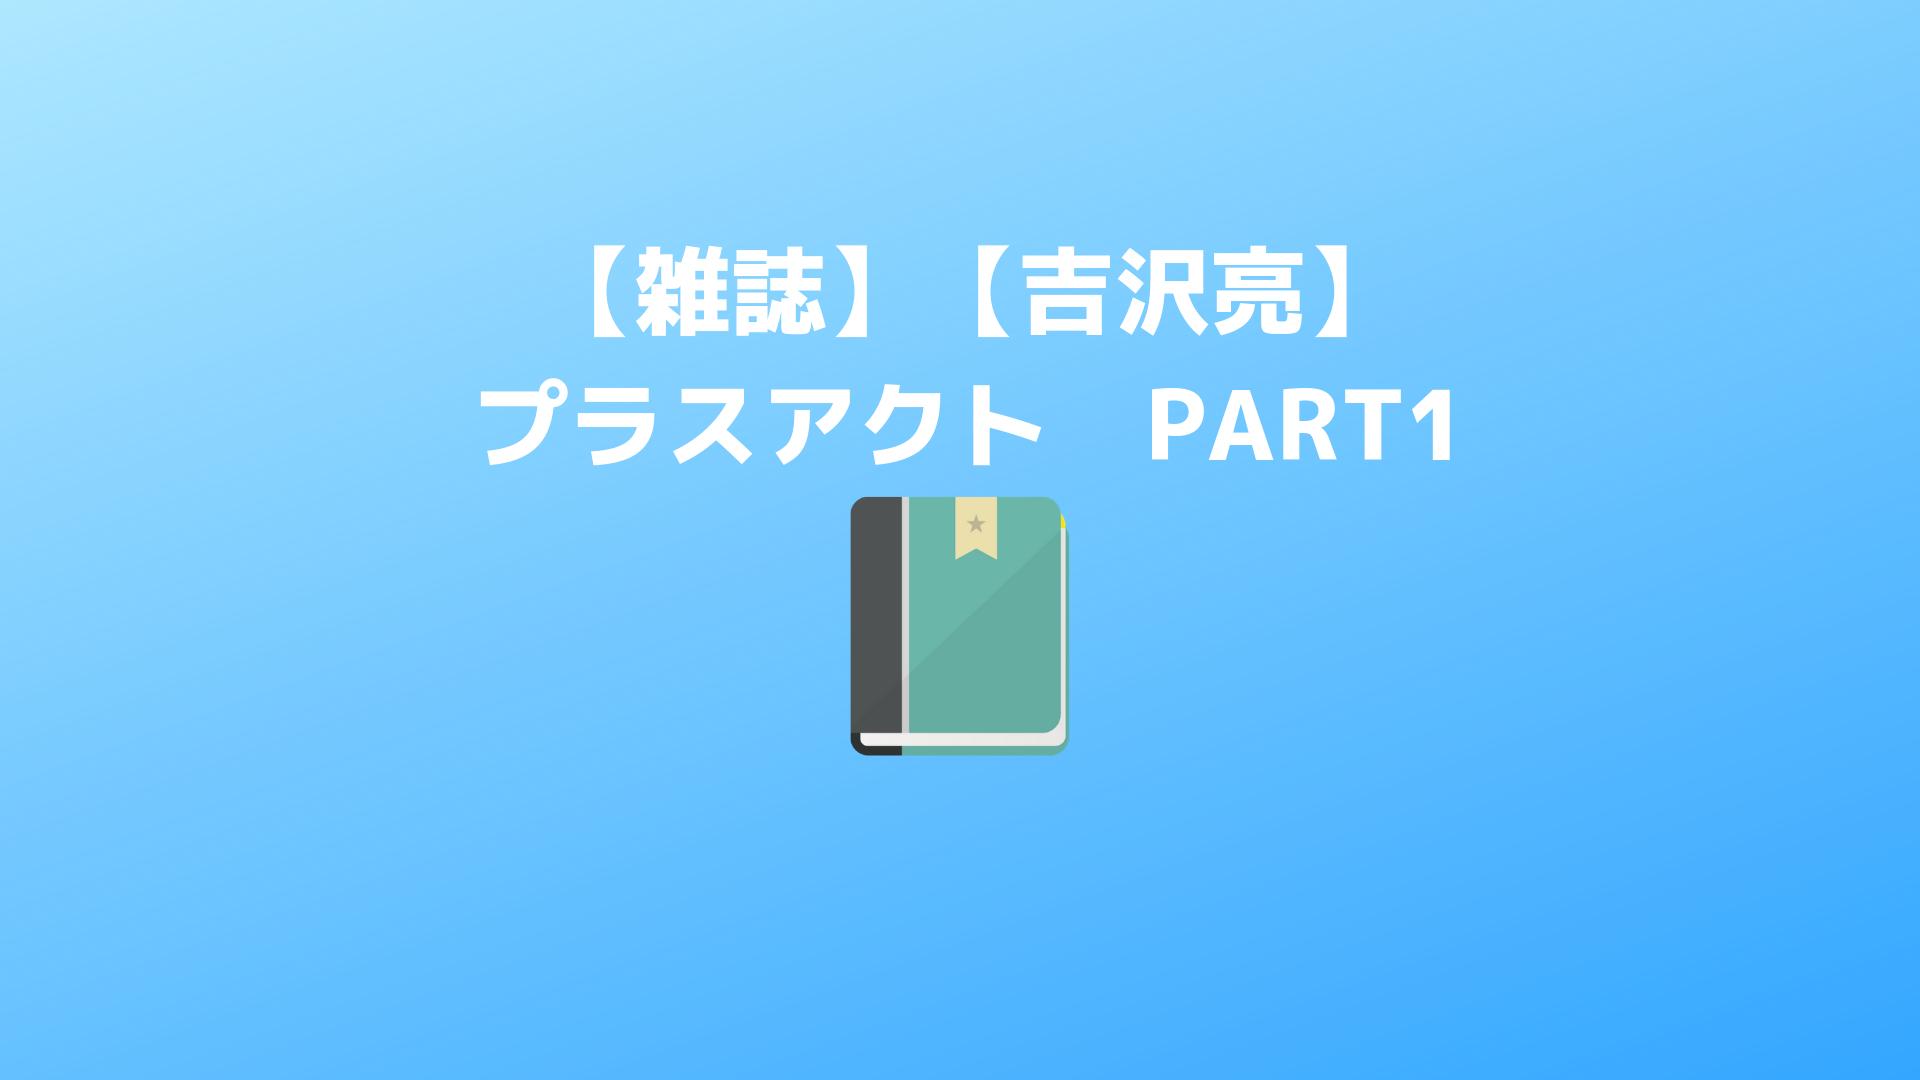 吉沢亮 プラスアクト Part1 雑誌 内容 イケメンの愛で方